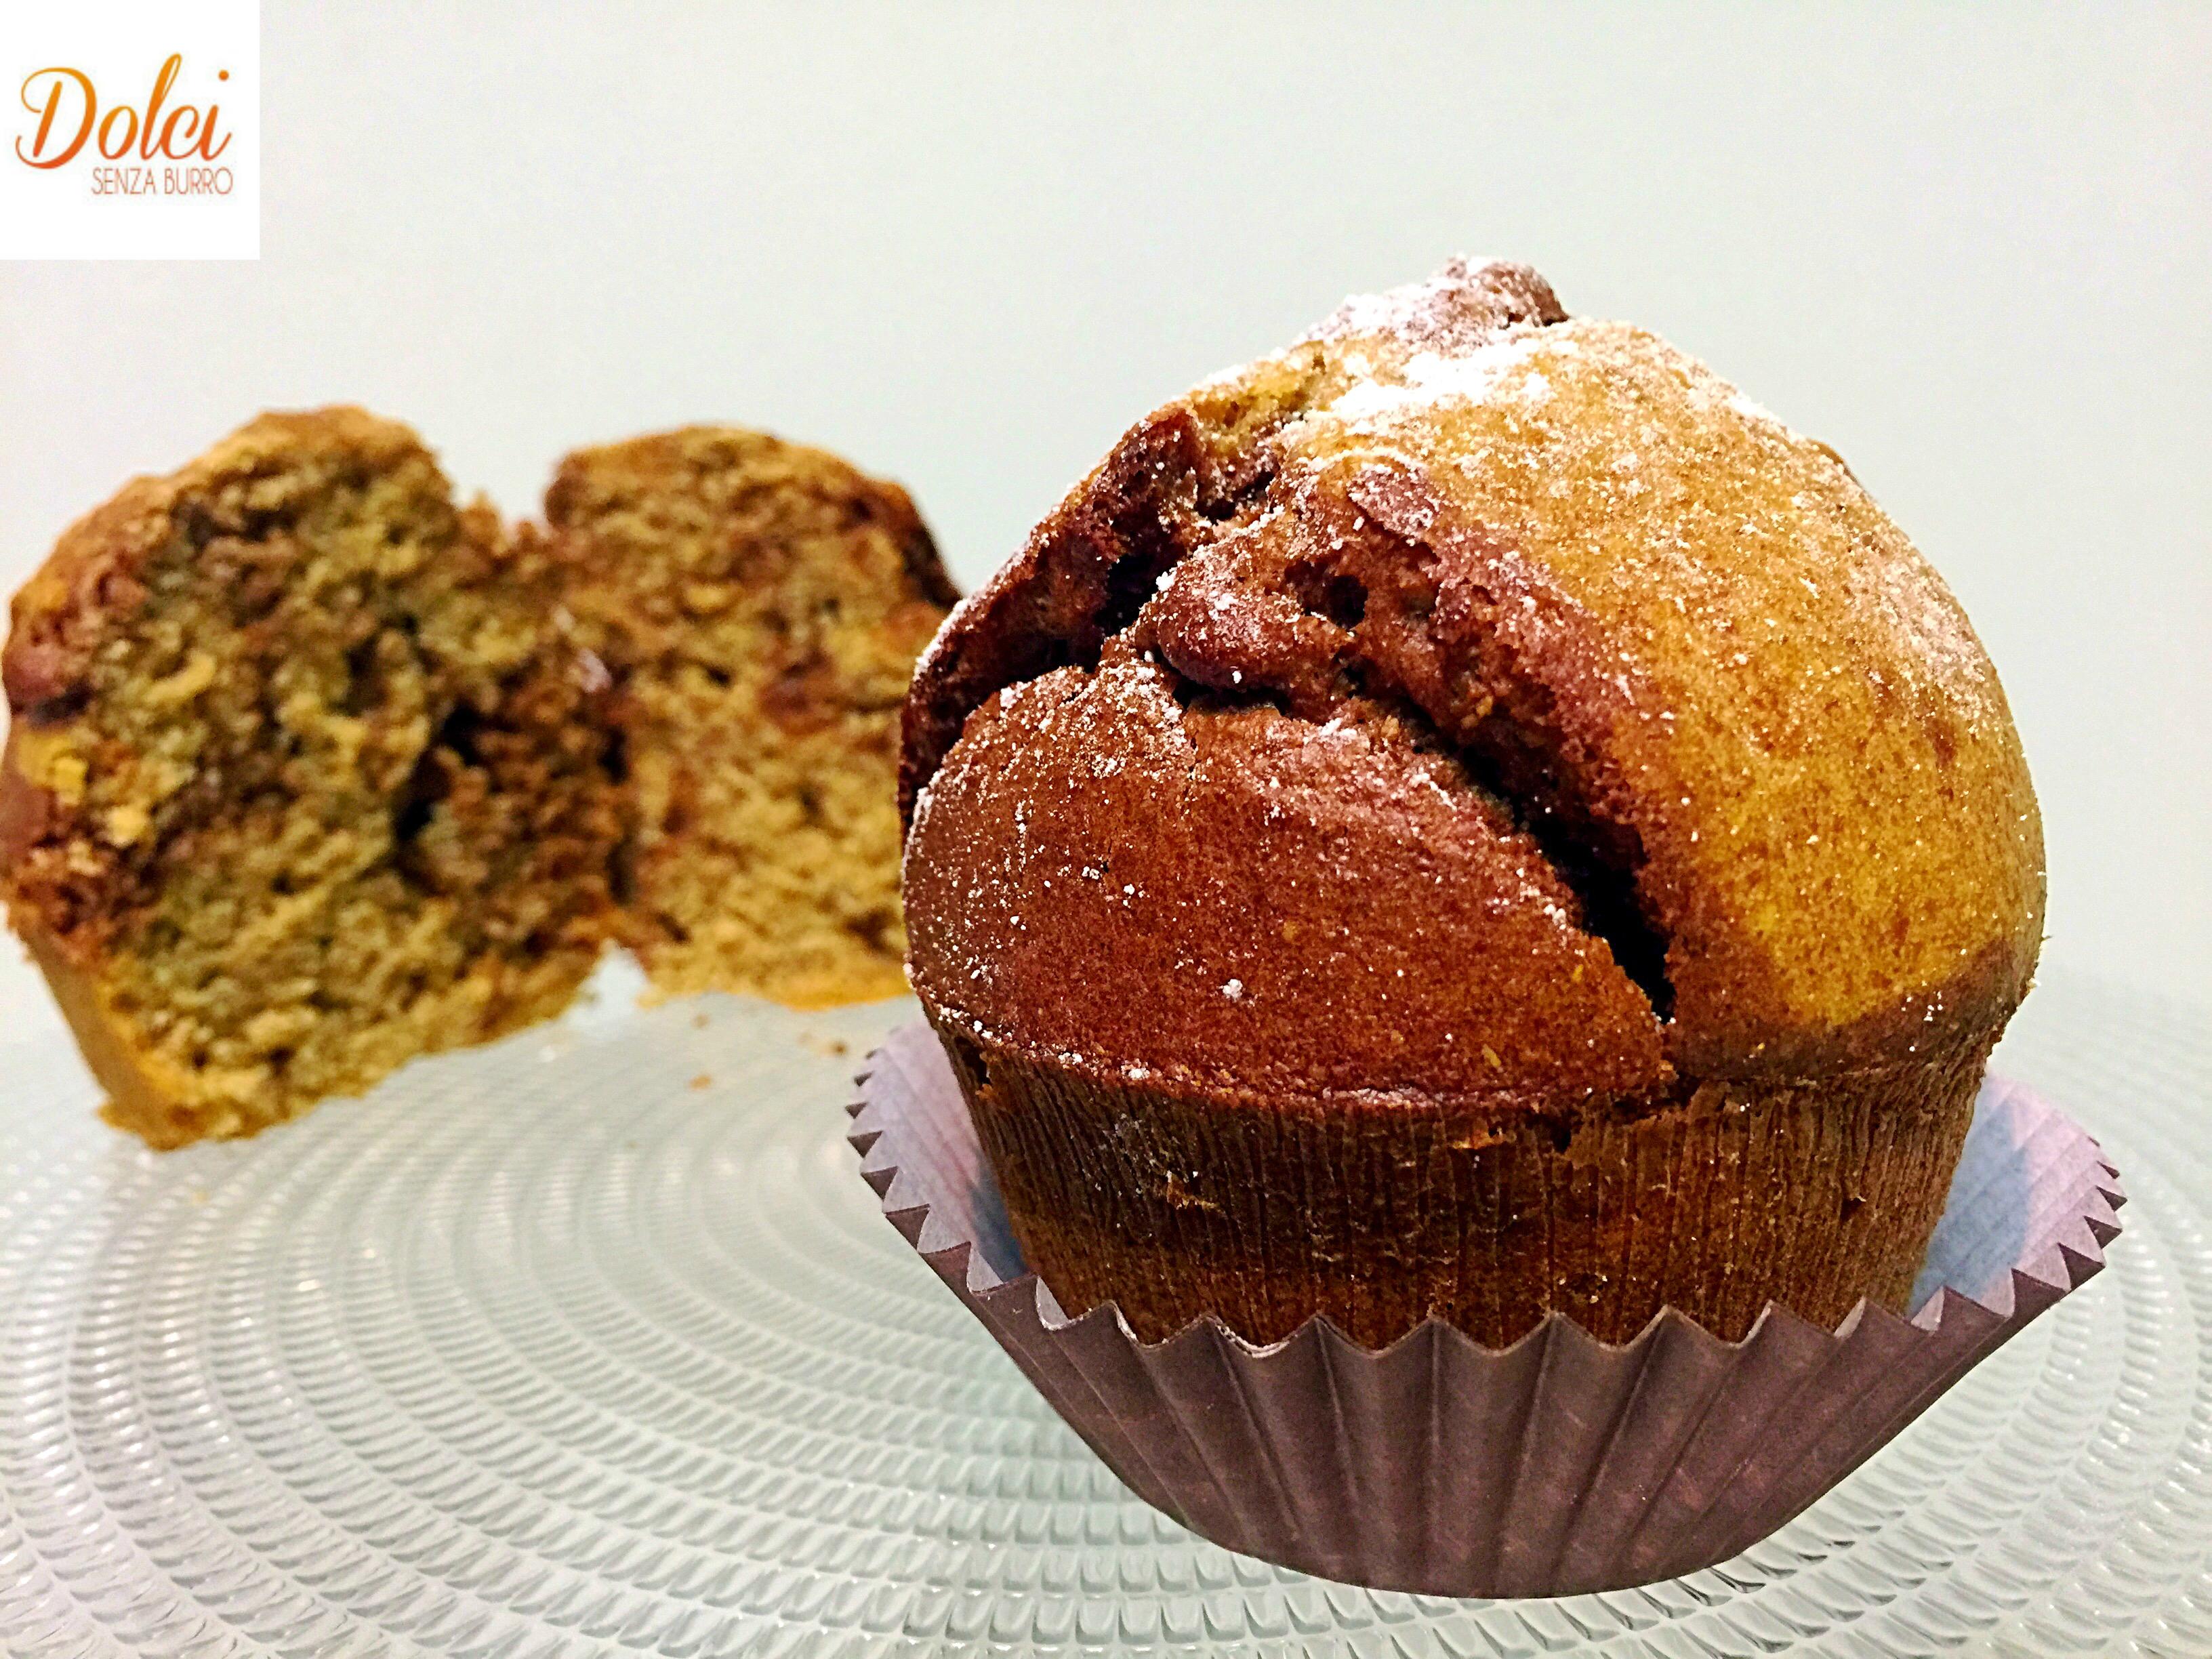 Muffin marmorizzati senza burro, dei golosi muffin bicolore alla vaniglia e al cioccolato leggeri e golosi di dolci senza burro